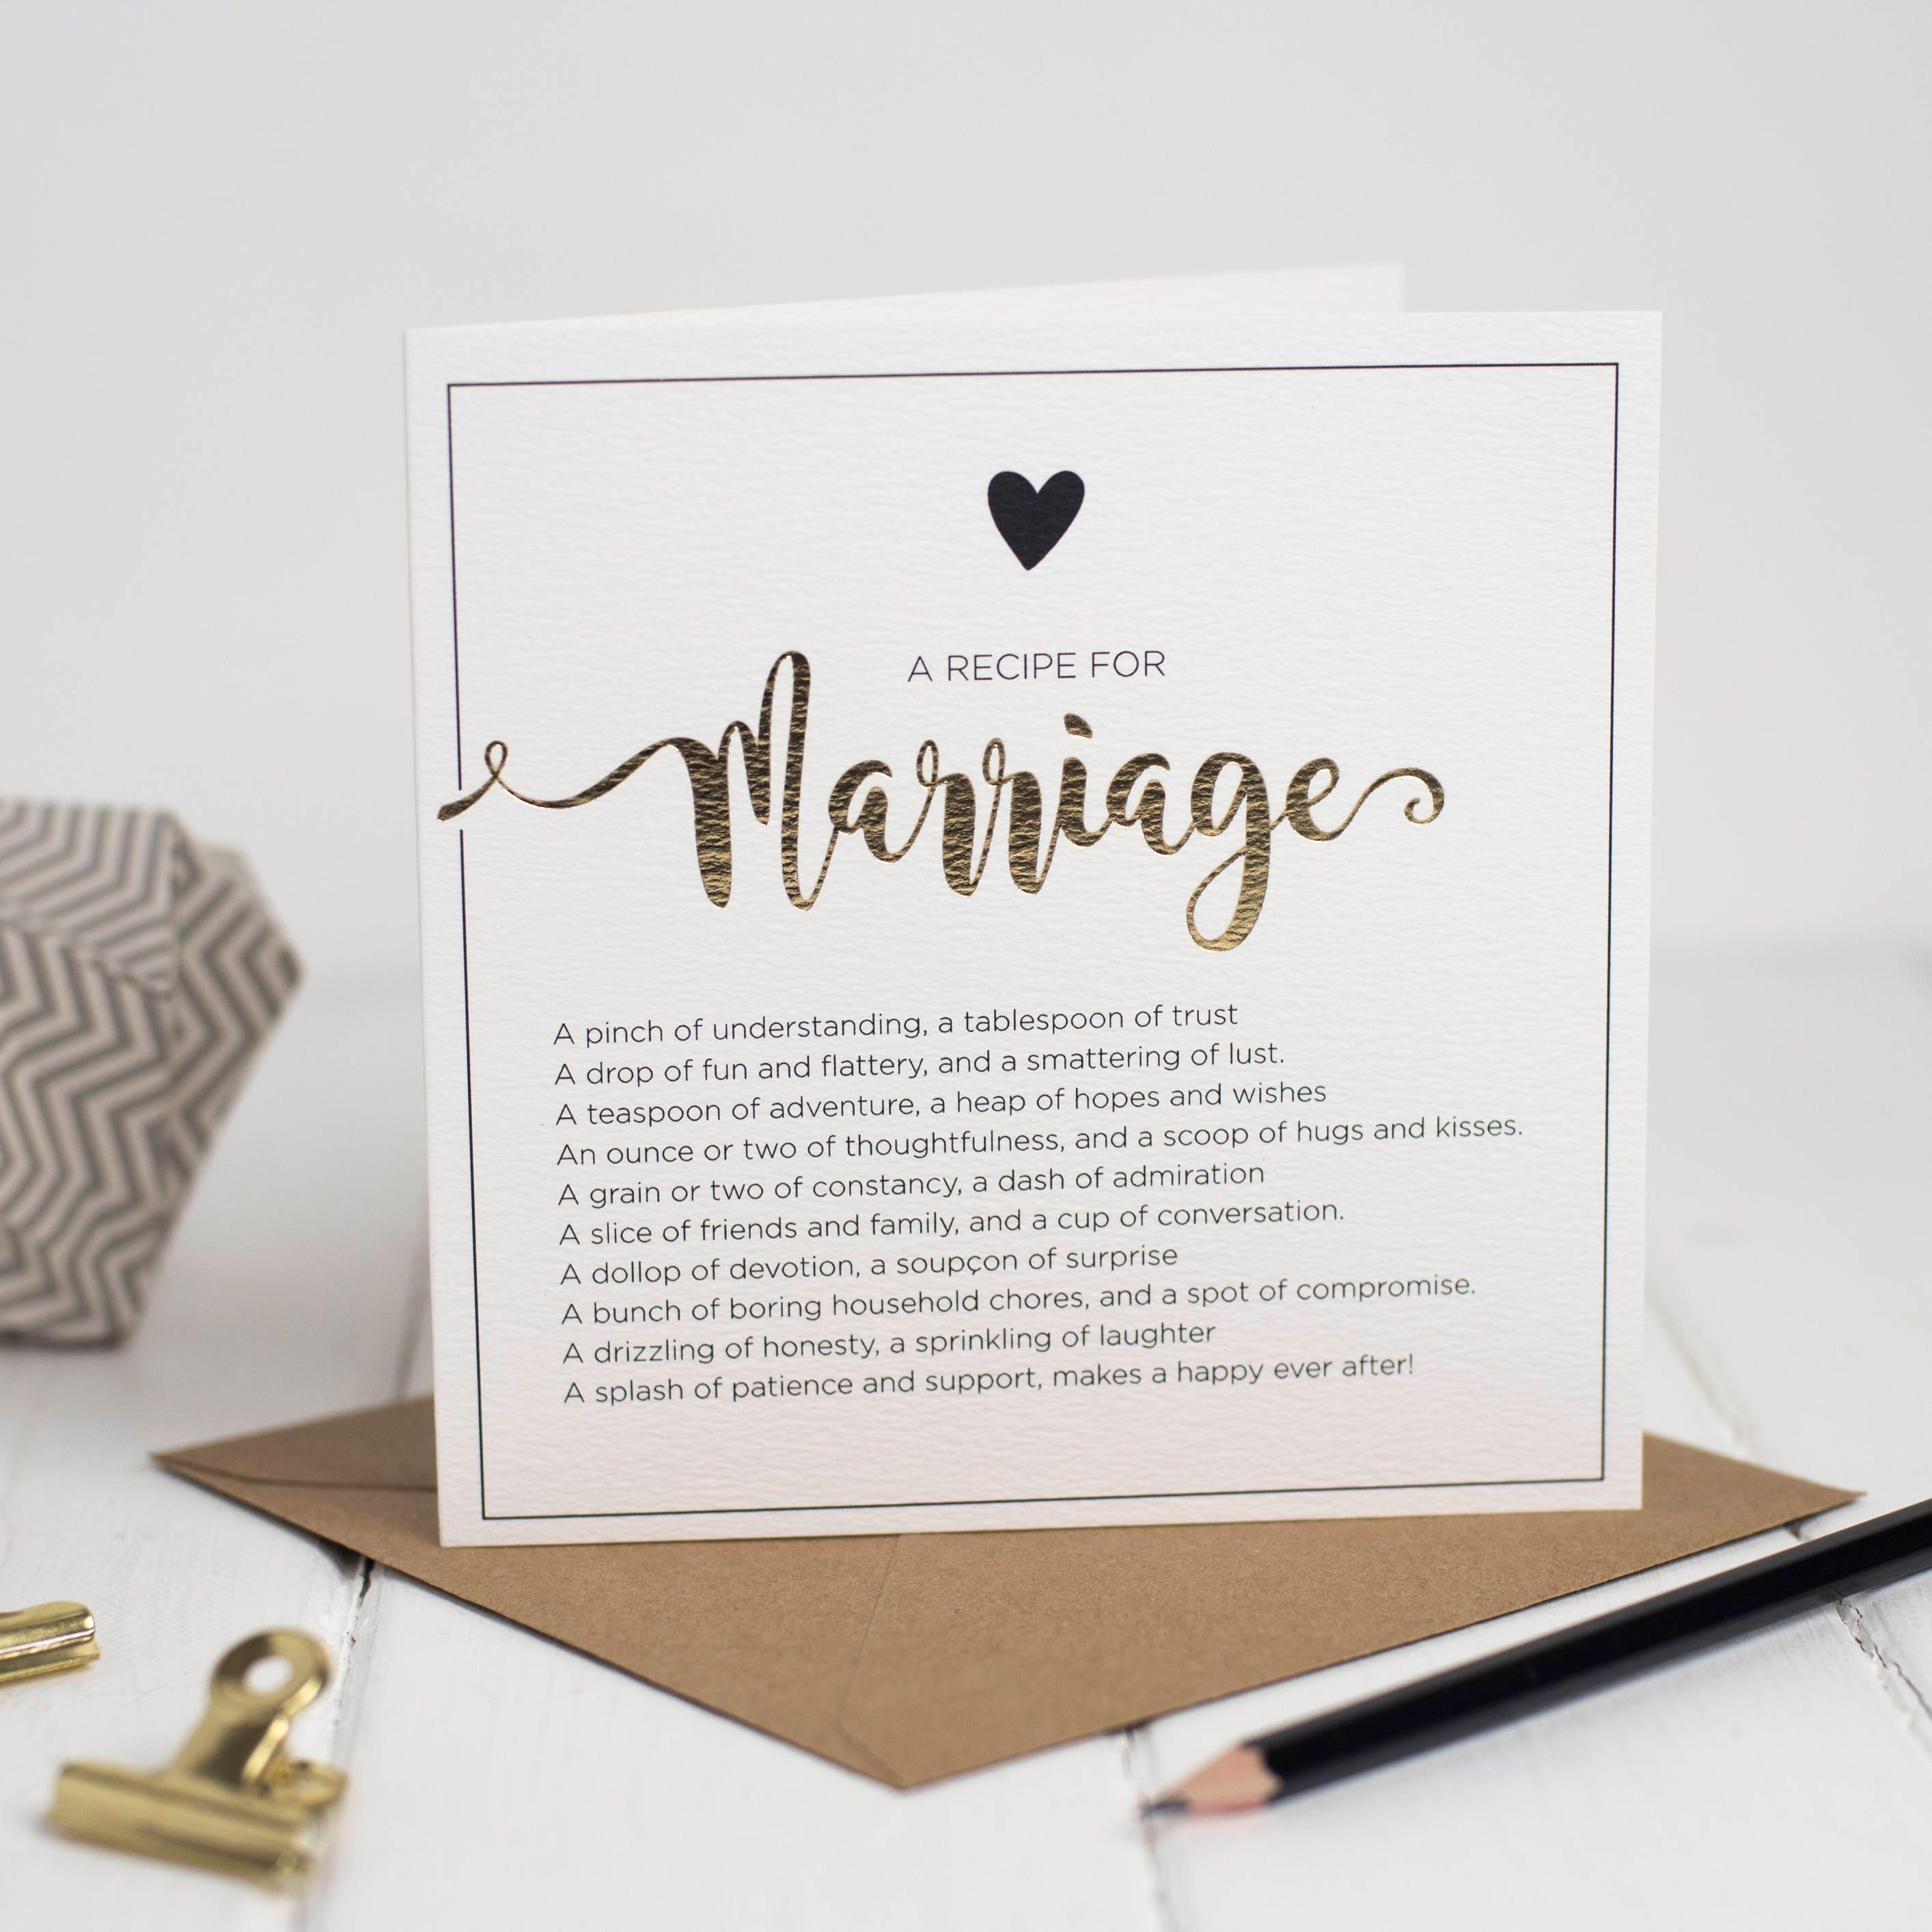 mariagemariage rencontres co uk totalement gratuit couples rencontres sites